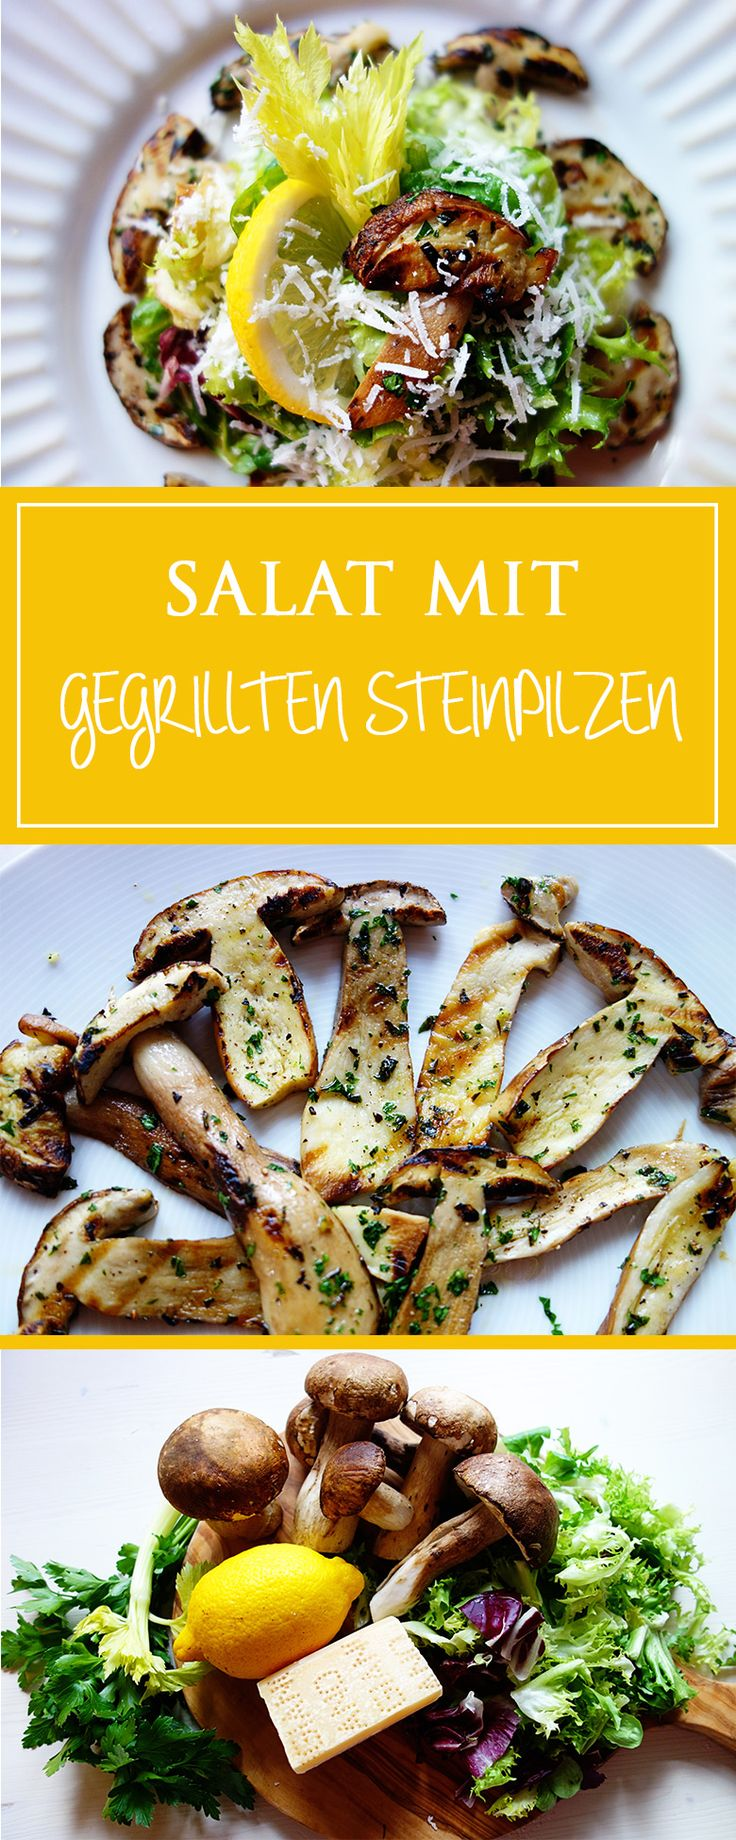 Salat mit gegrillten Steinpilzen - ein einfaches & aromatisches Rezept für einen herrlichen italienischen Herbst-Salat! Zudem glutenfrei & vegetarisch! 🍂🇮🇹❤️   cucina-con-amore.de